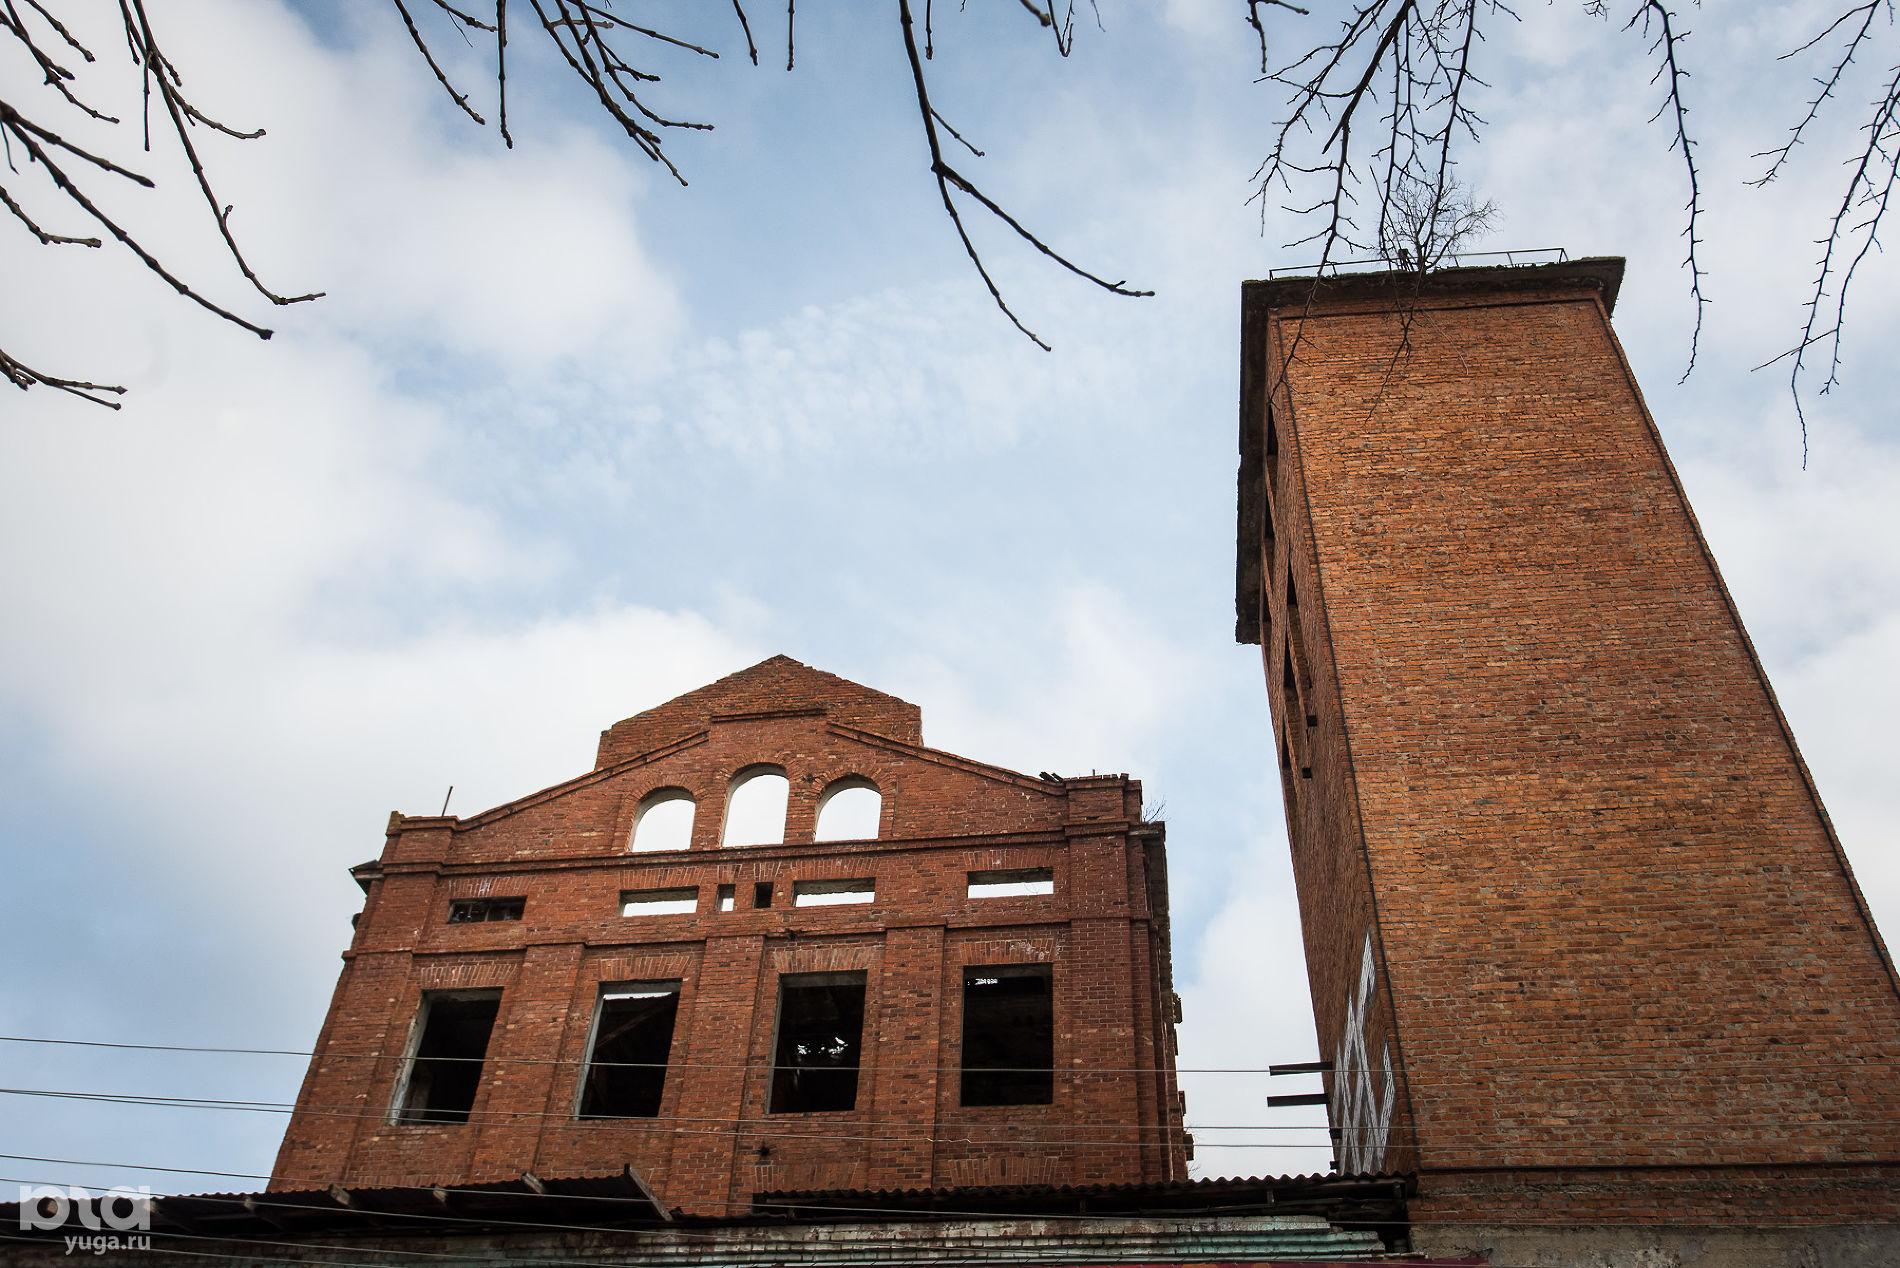 Северная, 310. Мельница Киор-оглы, конец XIX века ©Фото Елены Синеок, Юга.ру